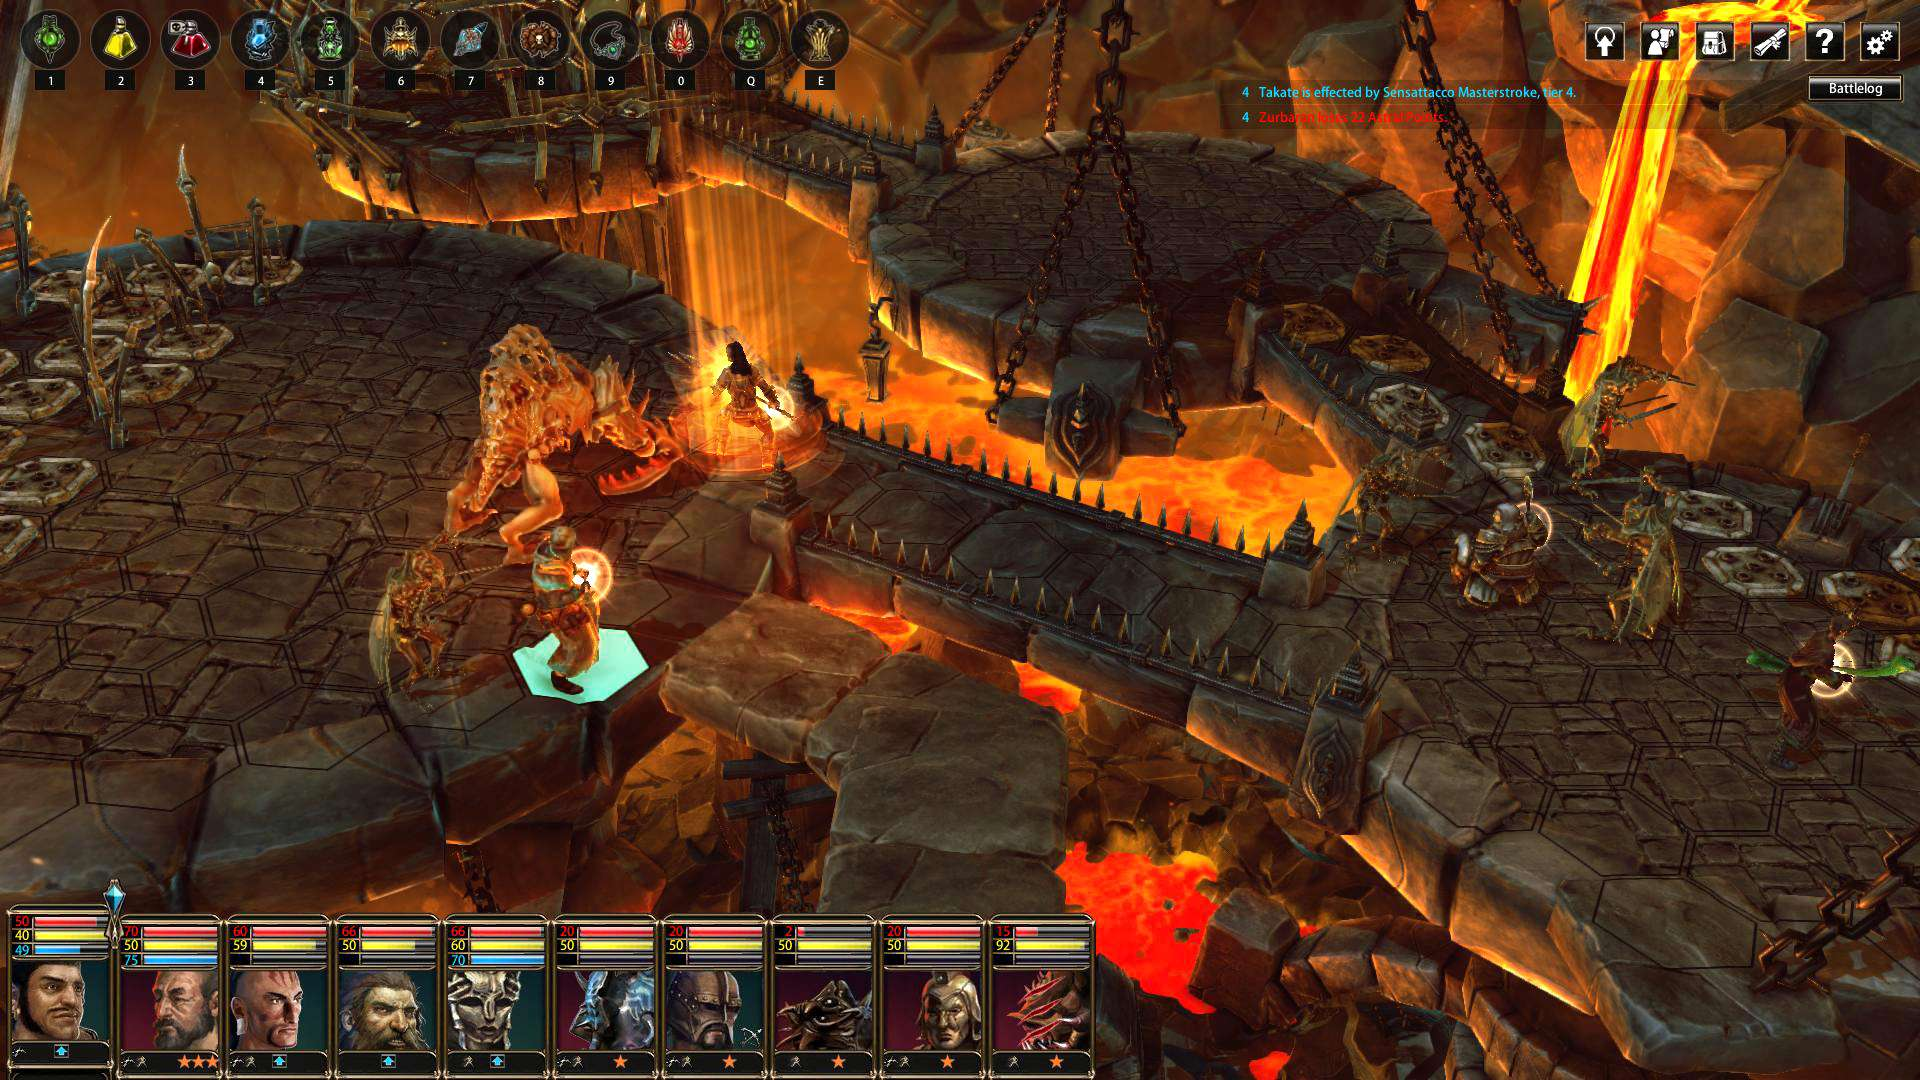 Blackguards2-002.jpg